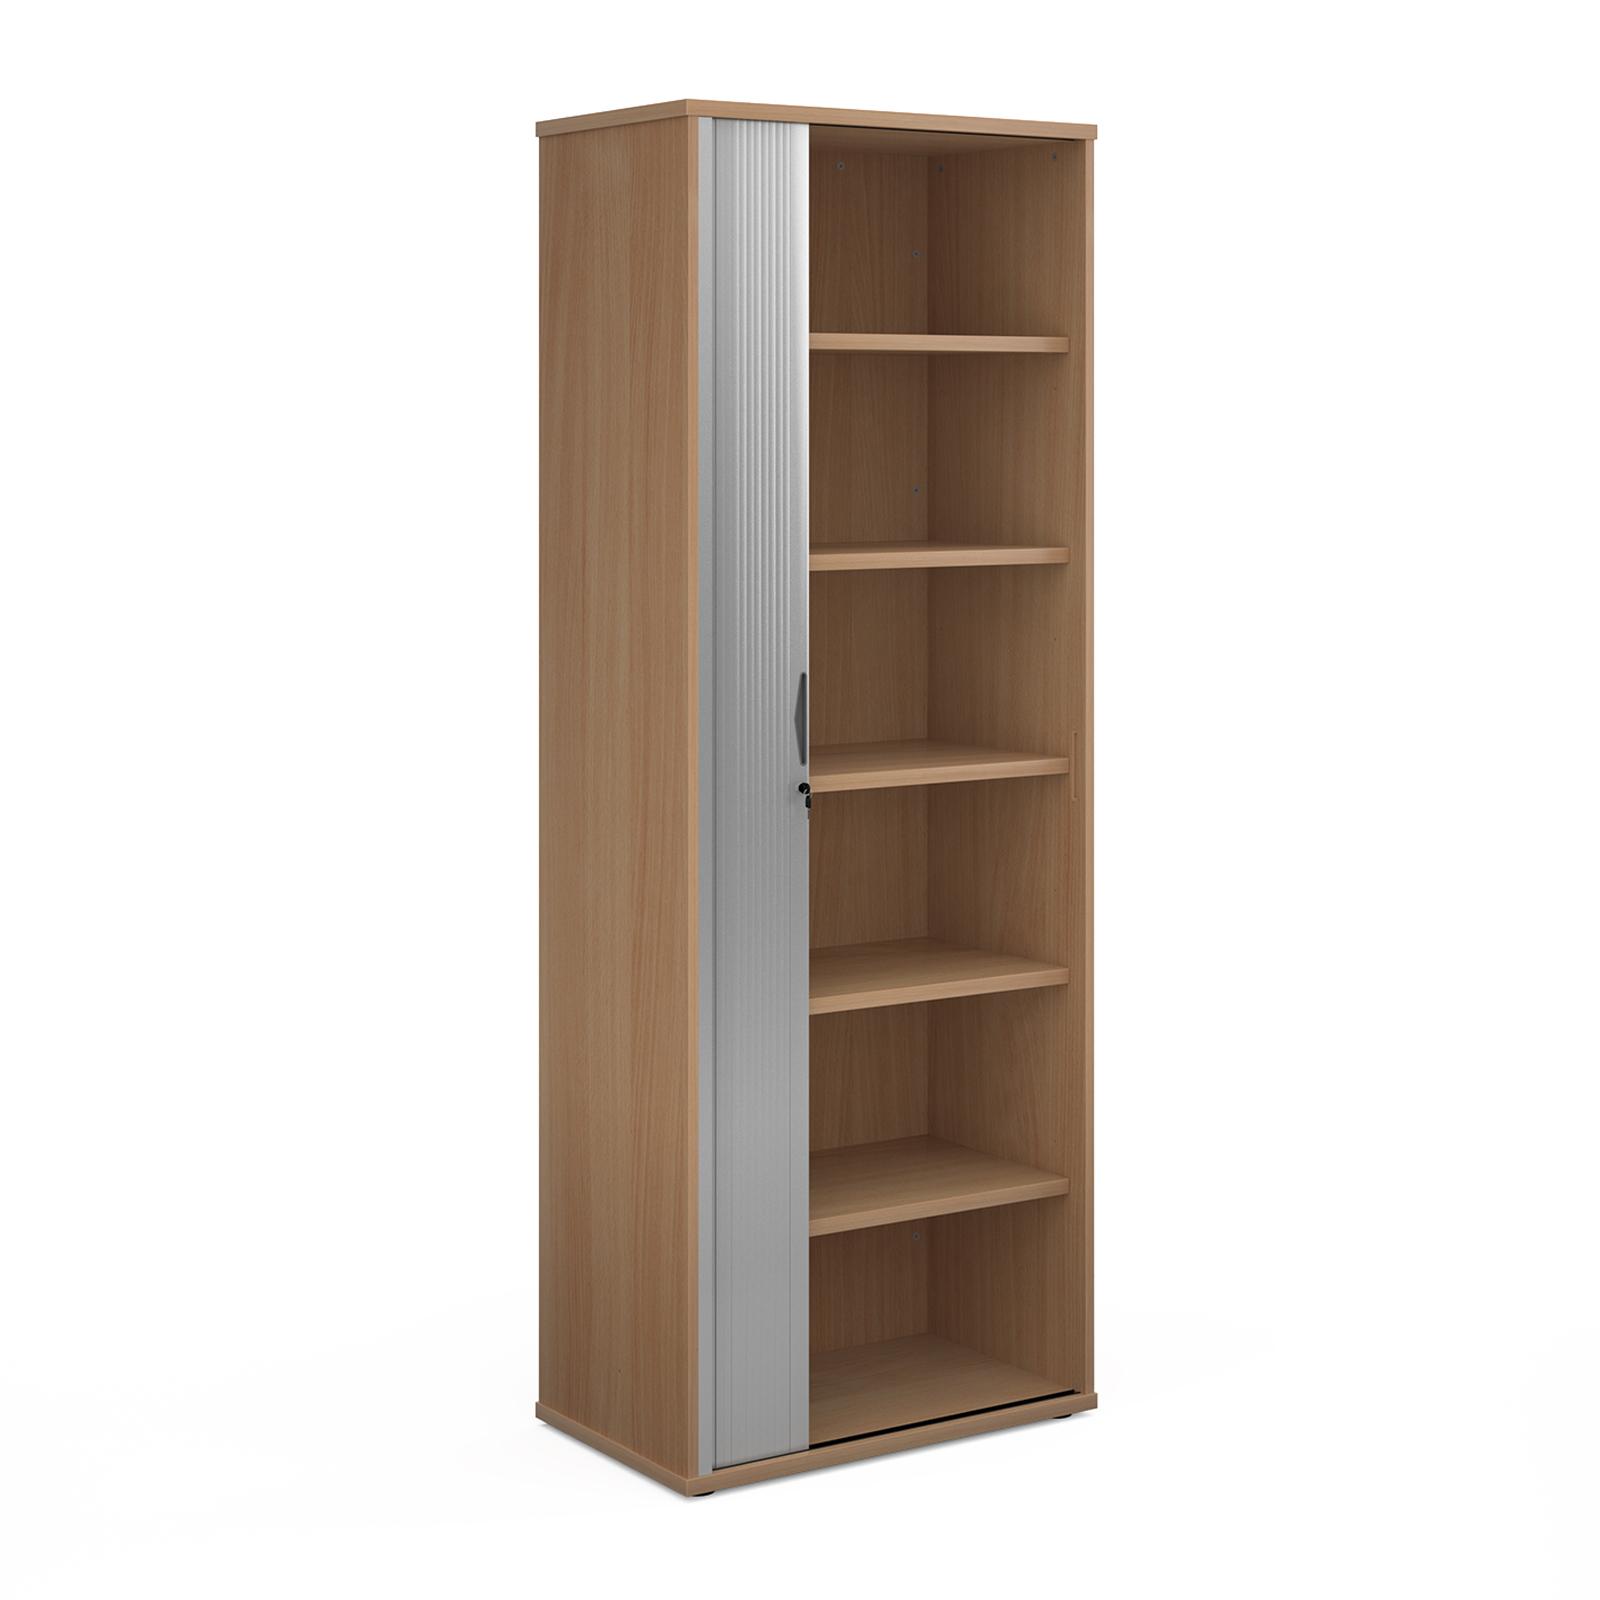 Over 1200mm High Universal single door tambour cupboard 2140mm high with 5 shelves - beech with silver door